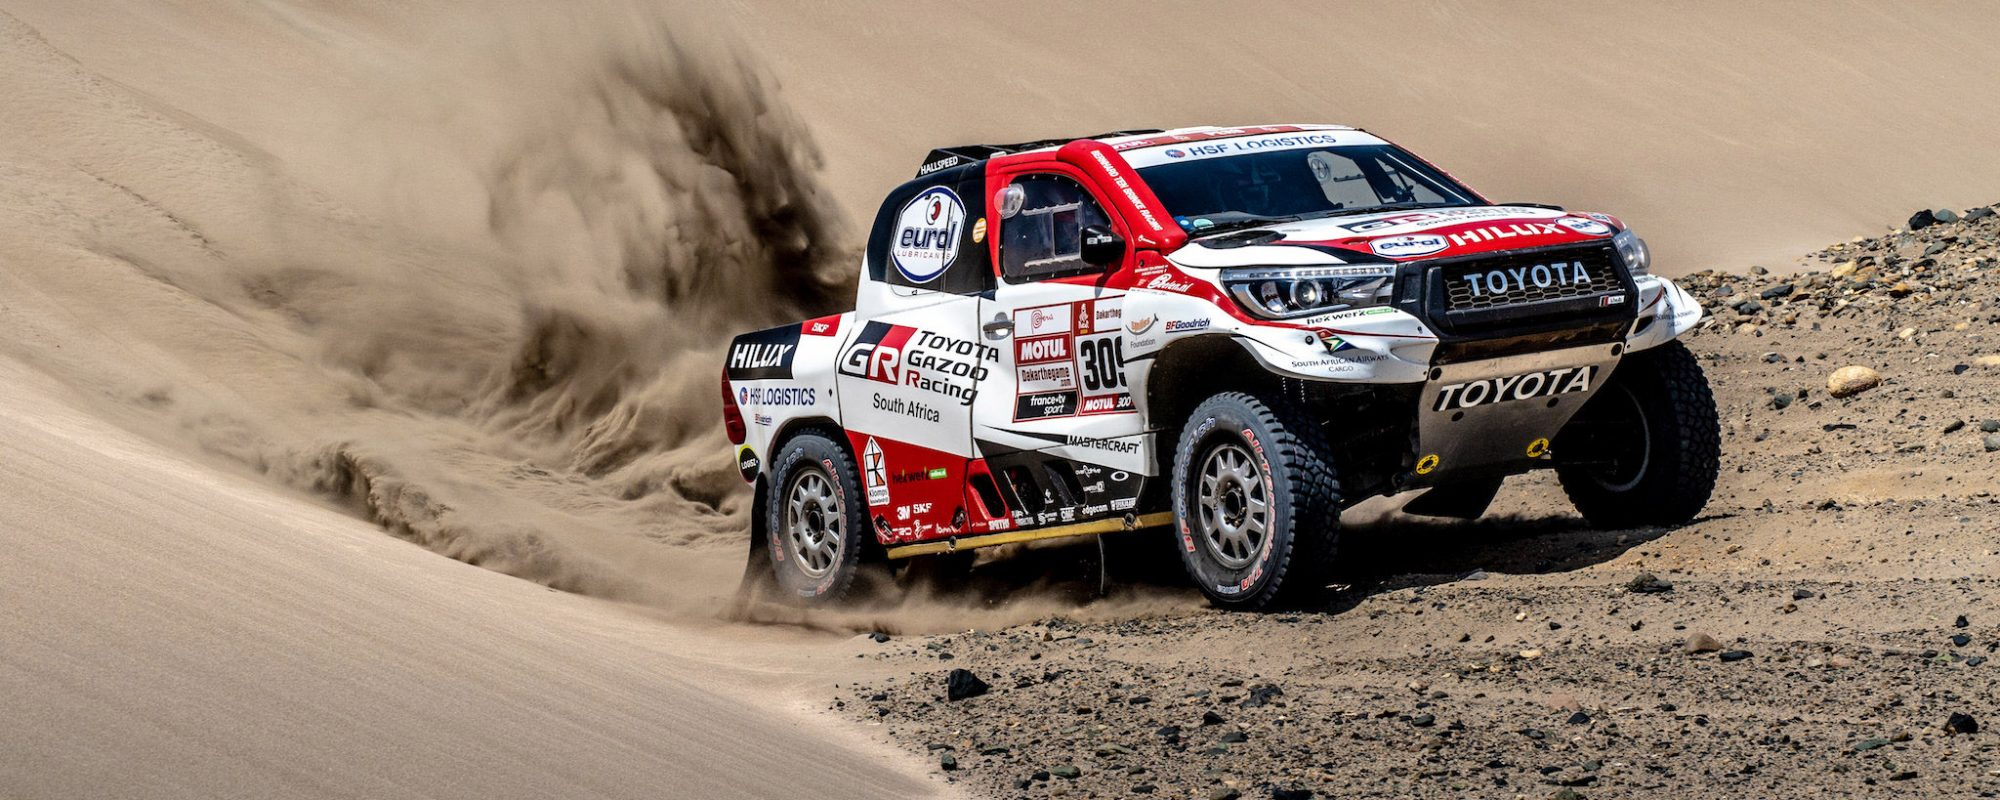 Bernhard ten Brinke terug in top 10 na echte Dakar dag